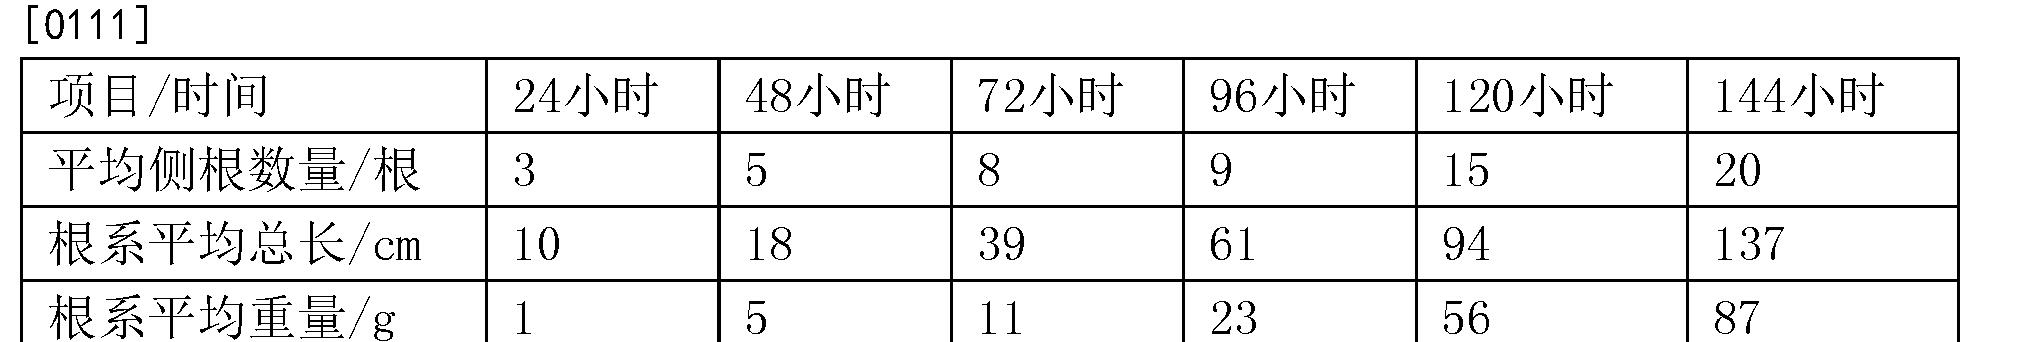 Figure CN104296011BD00112